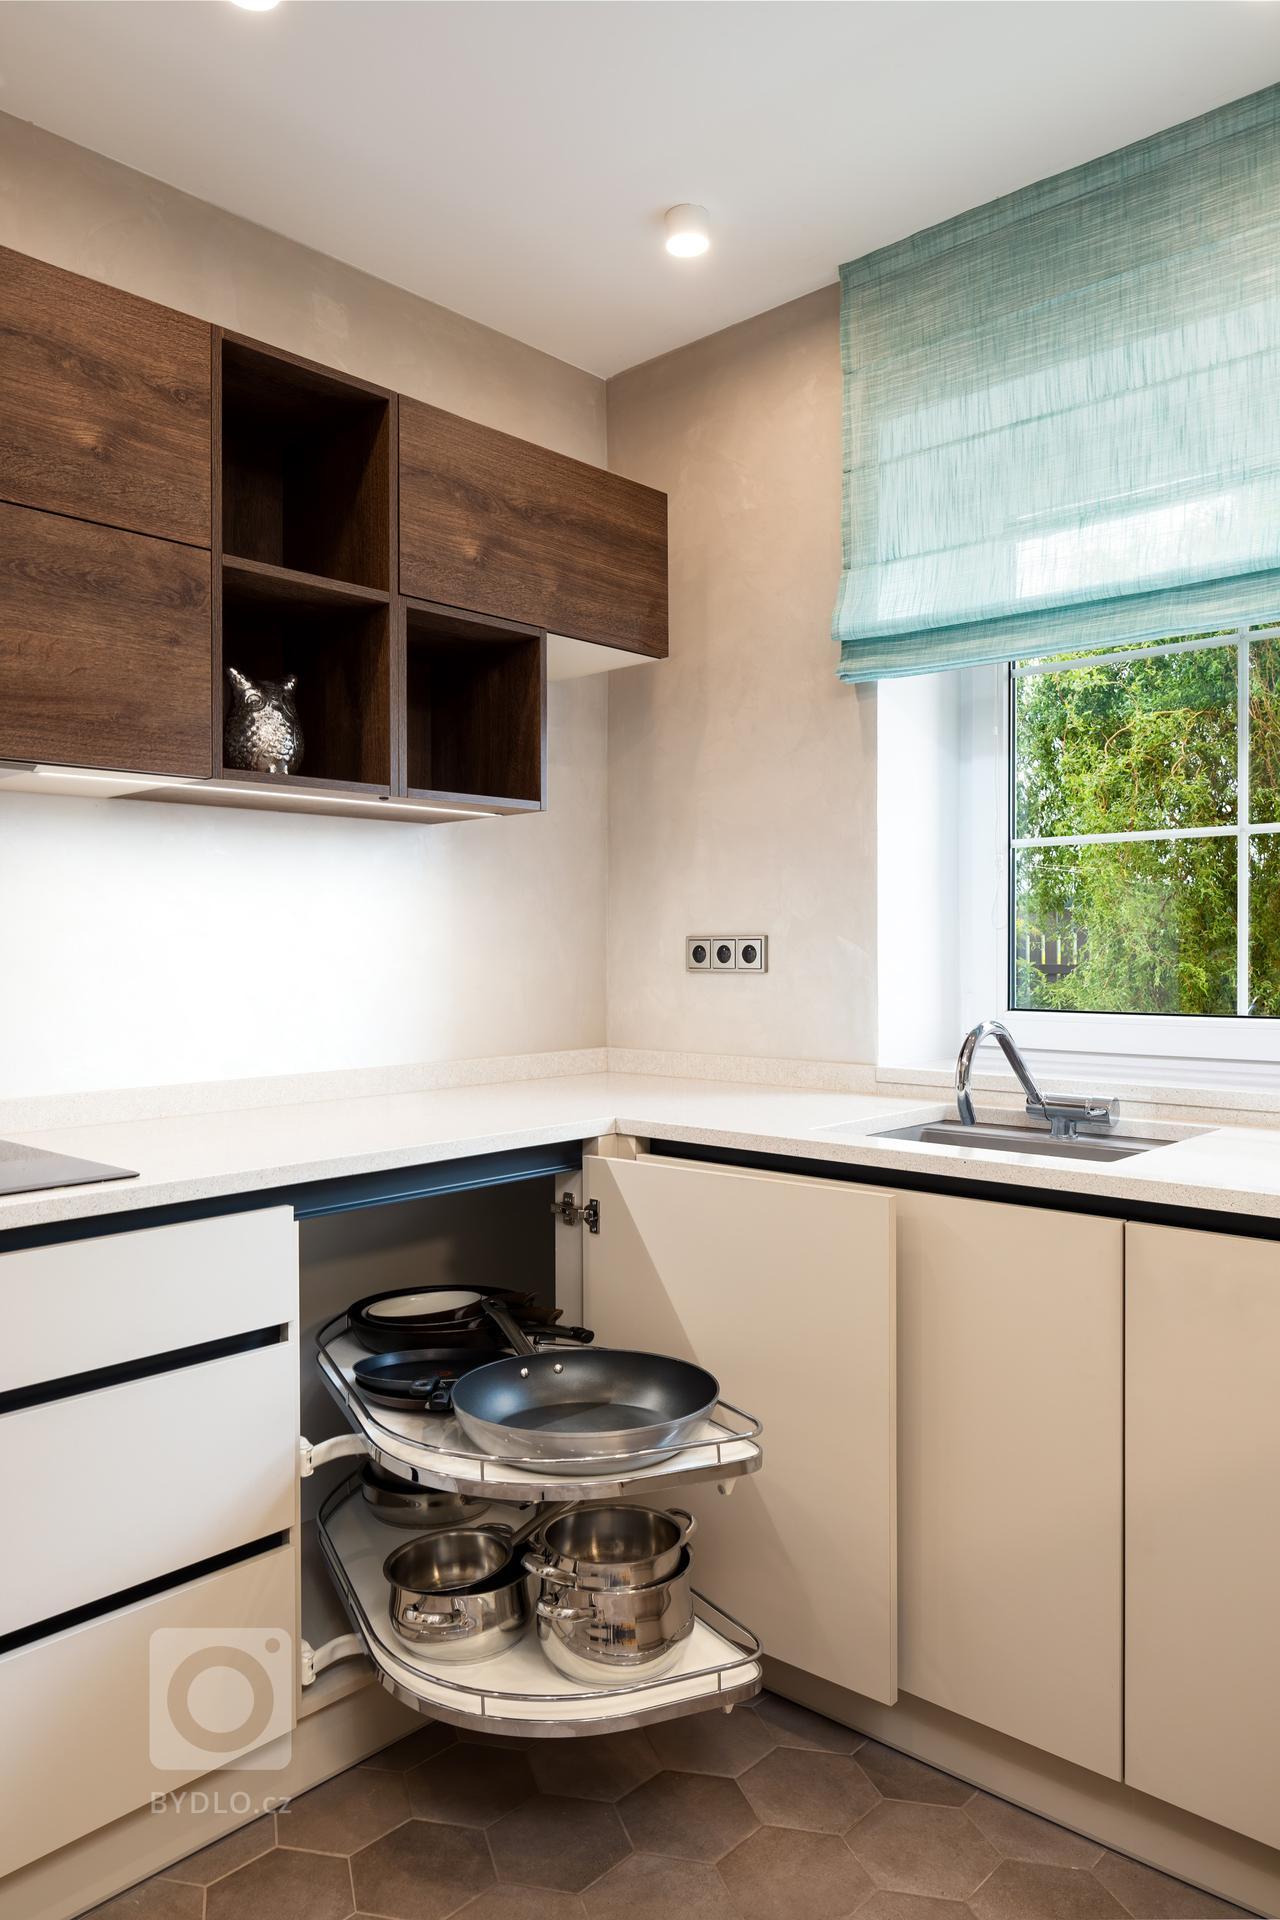 Rekonstrukce kuchyně s jídelnou - Obrázek č. 2